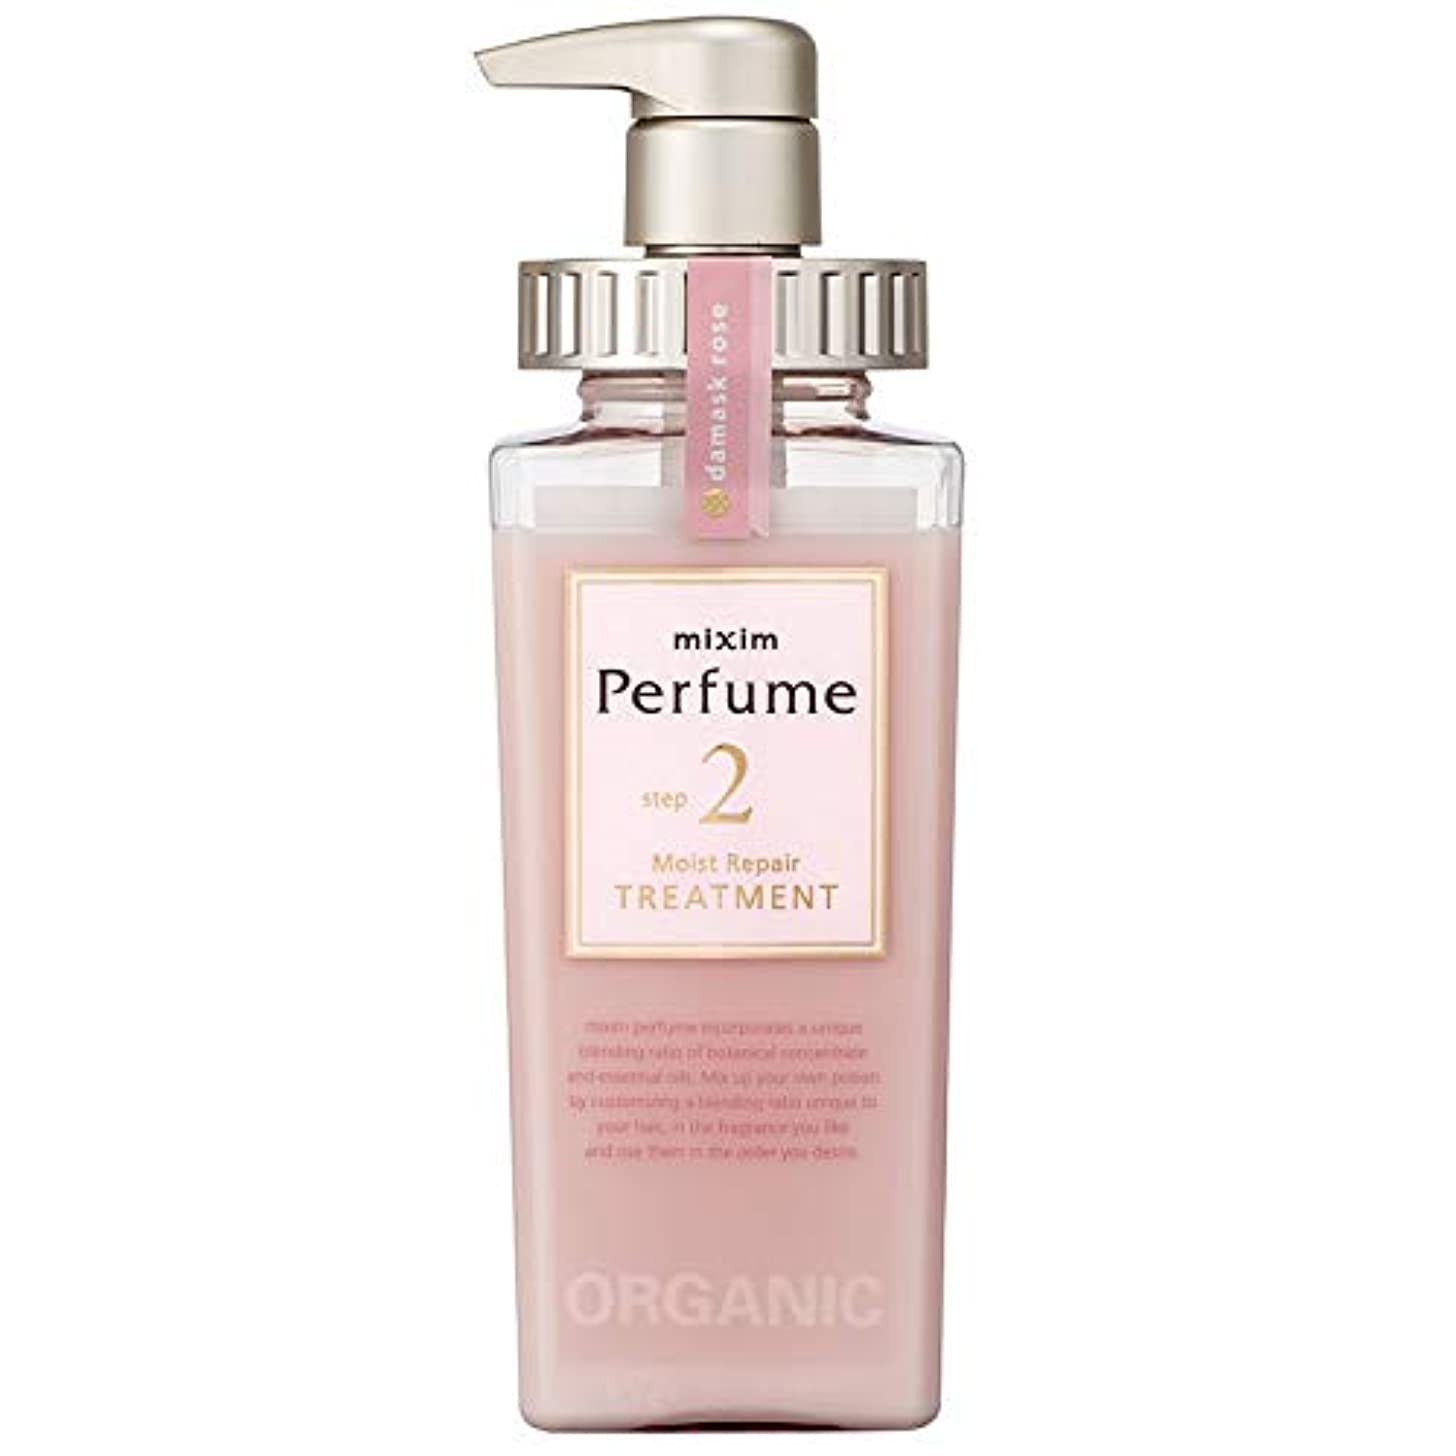 氏マーチャンダイジング成熟したmixim Perfume(ミクシムパフューム) モイストリペア ヘアトリートメント 440g